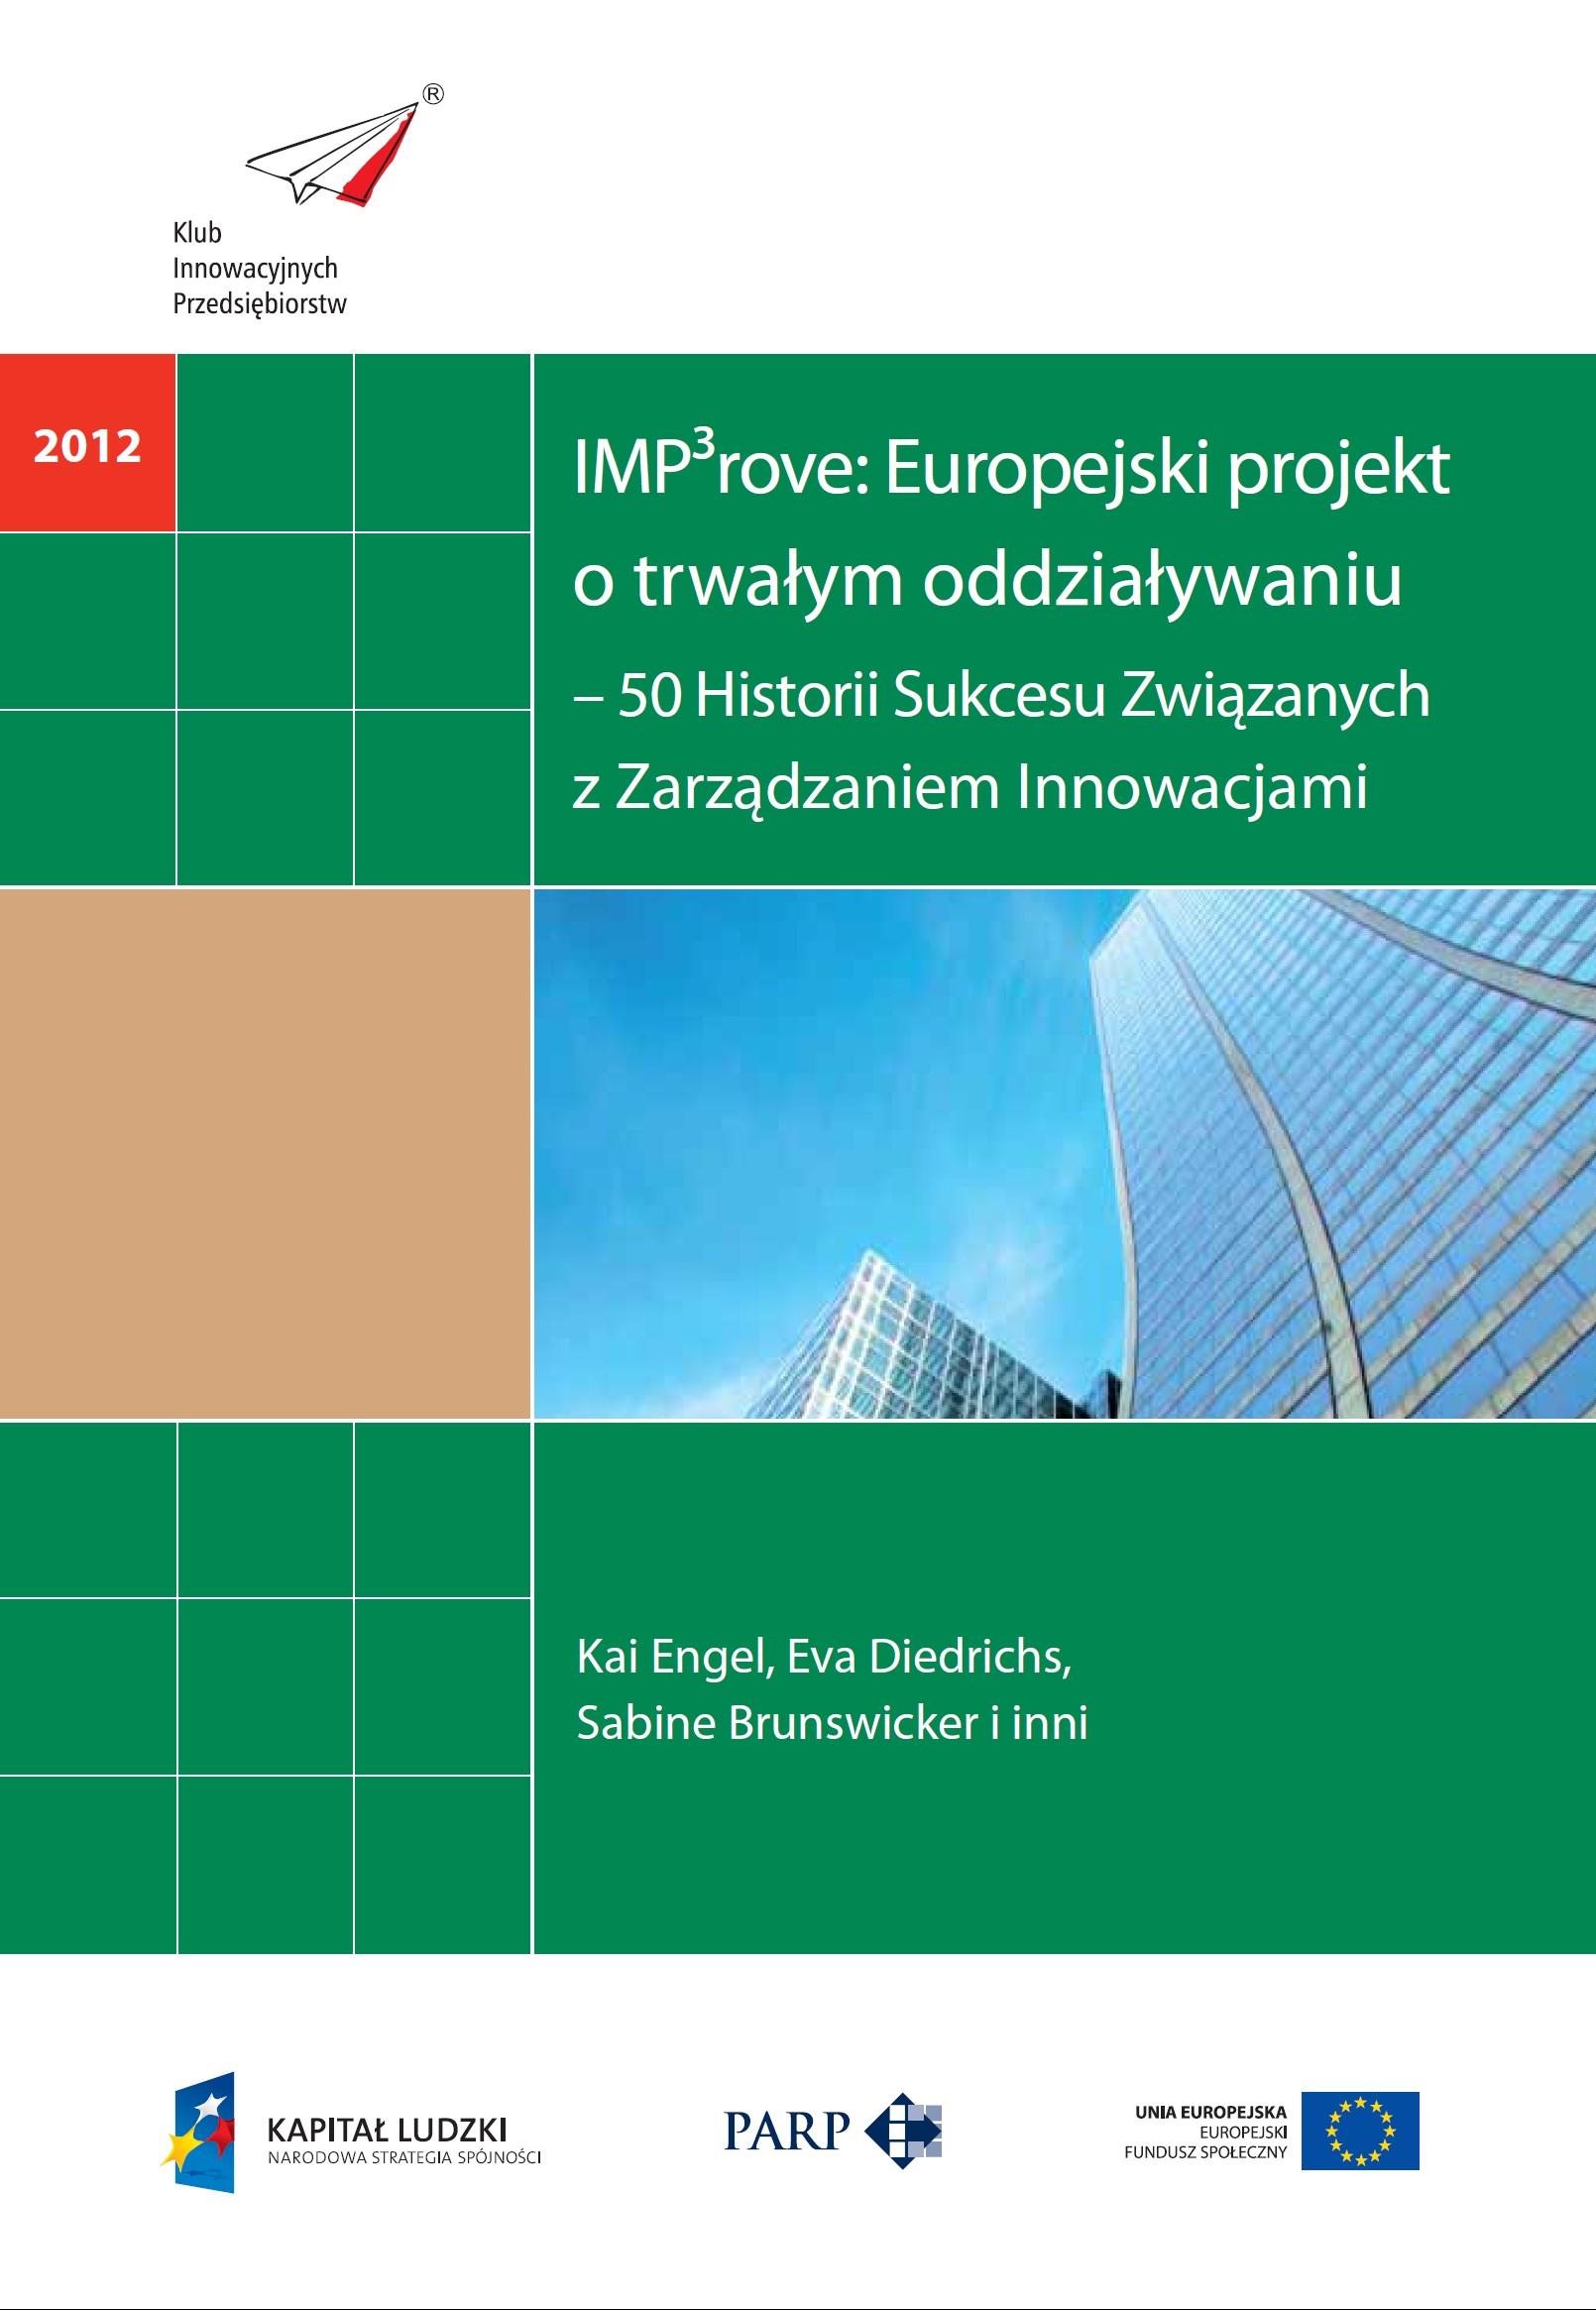 IMP³rove: Europejski projekt o trwałym oddziaływaniu – 50 Historii Sukcesu Związanych z Zarządzaniem Innowacjami